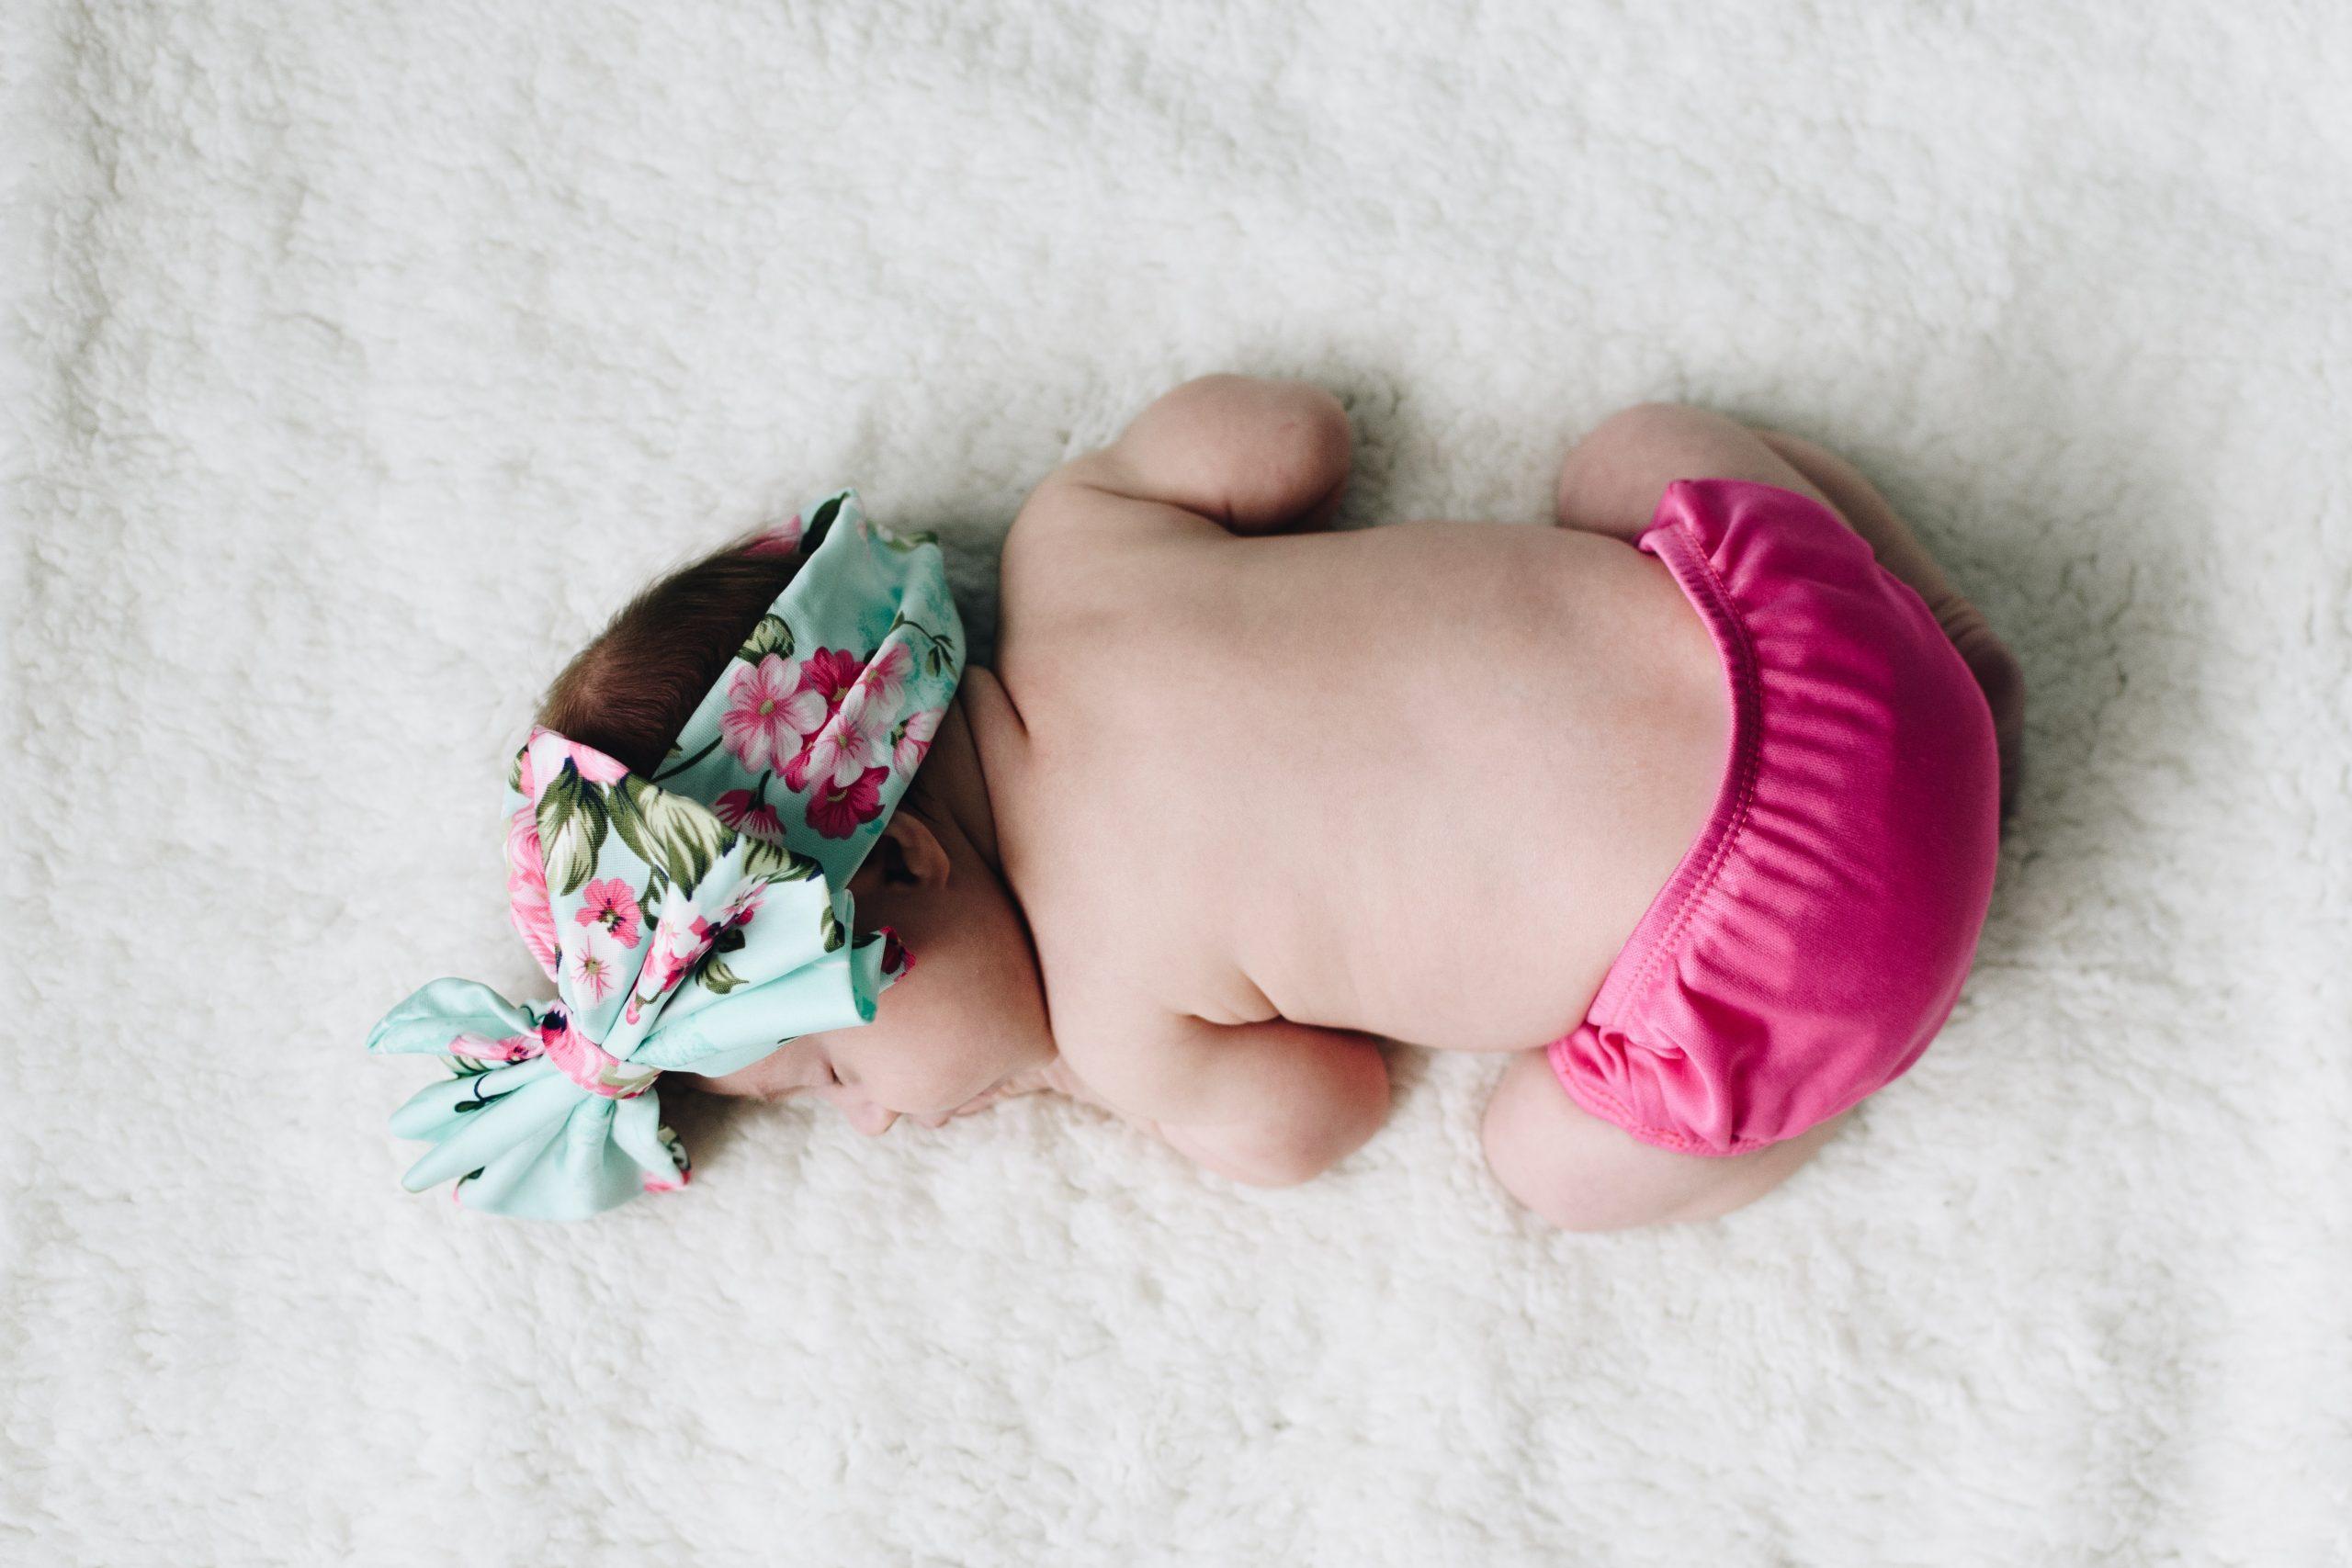 Vêtements de location pour bébé - Unsplash - Kelly Sikkema